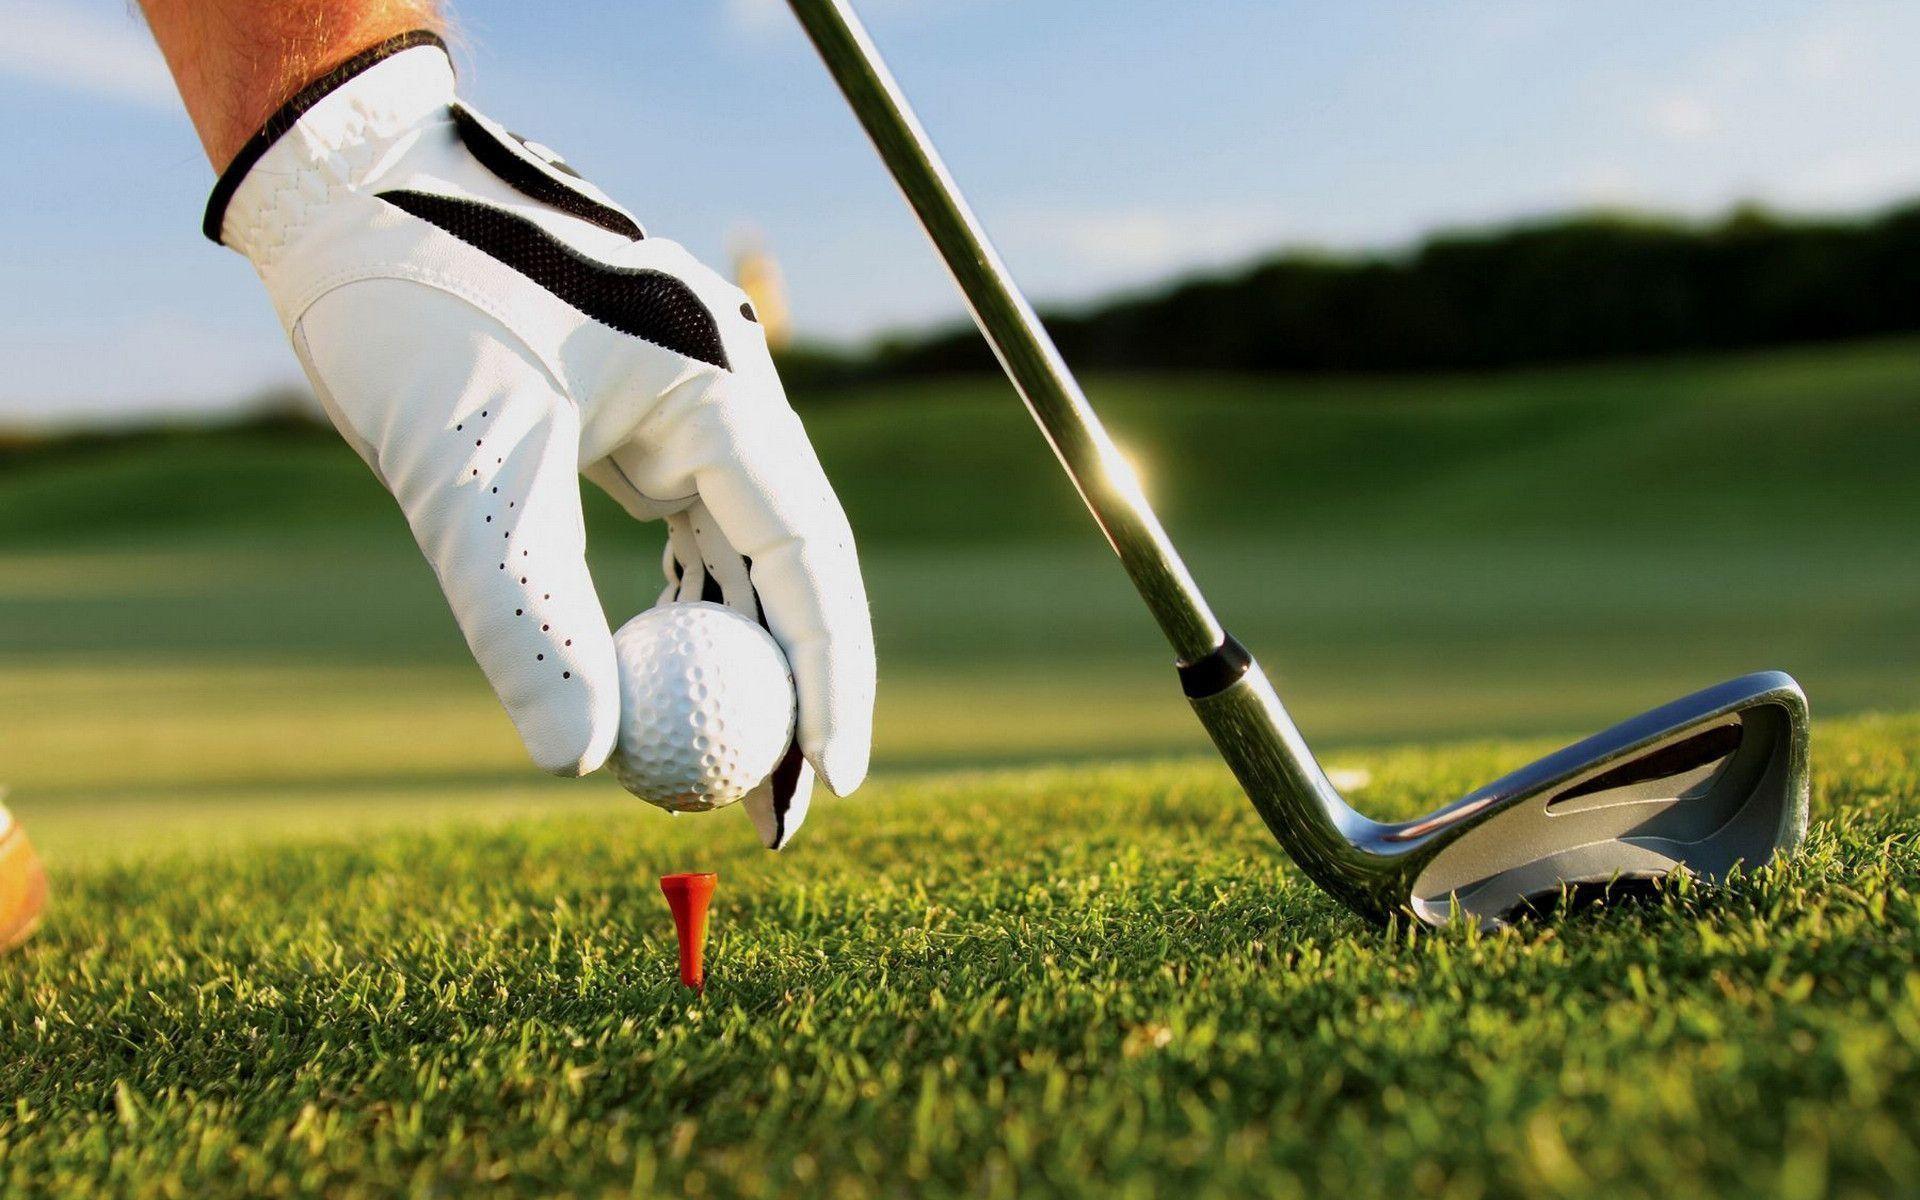 Download wallpaper golf, ball, club, grass free desktop wallpaper .